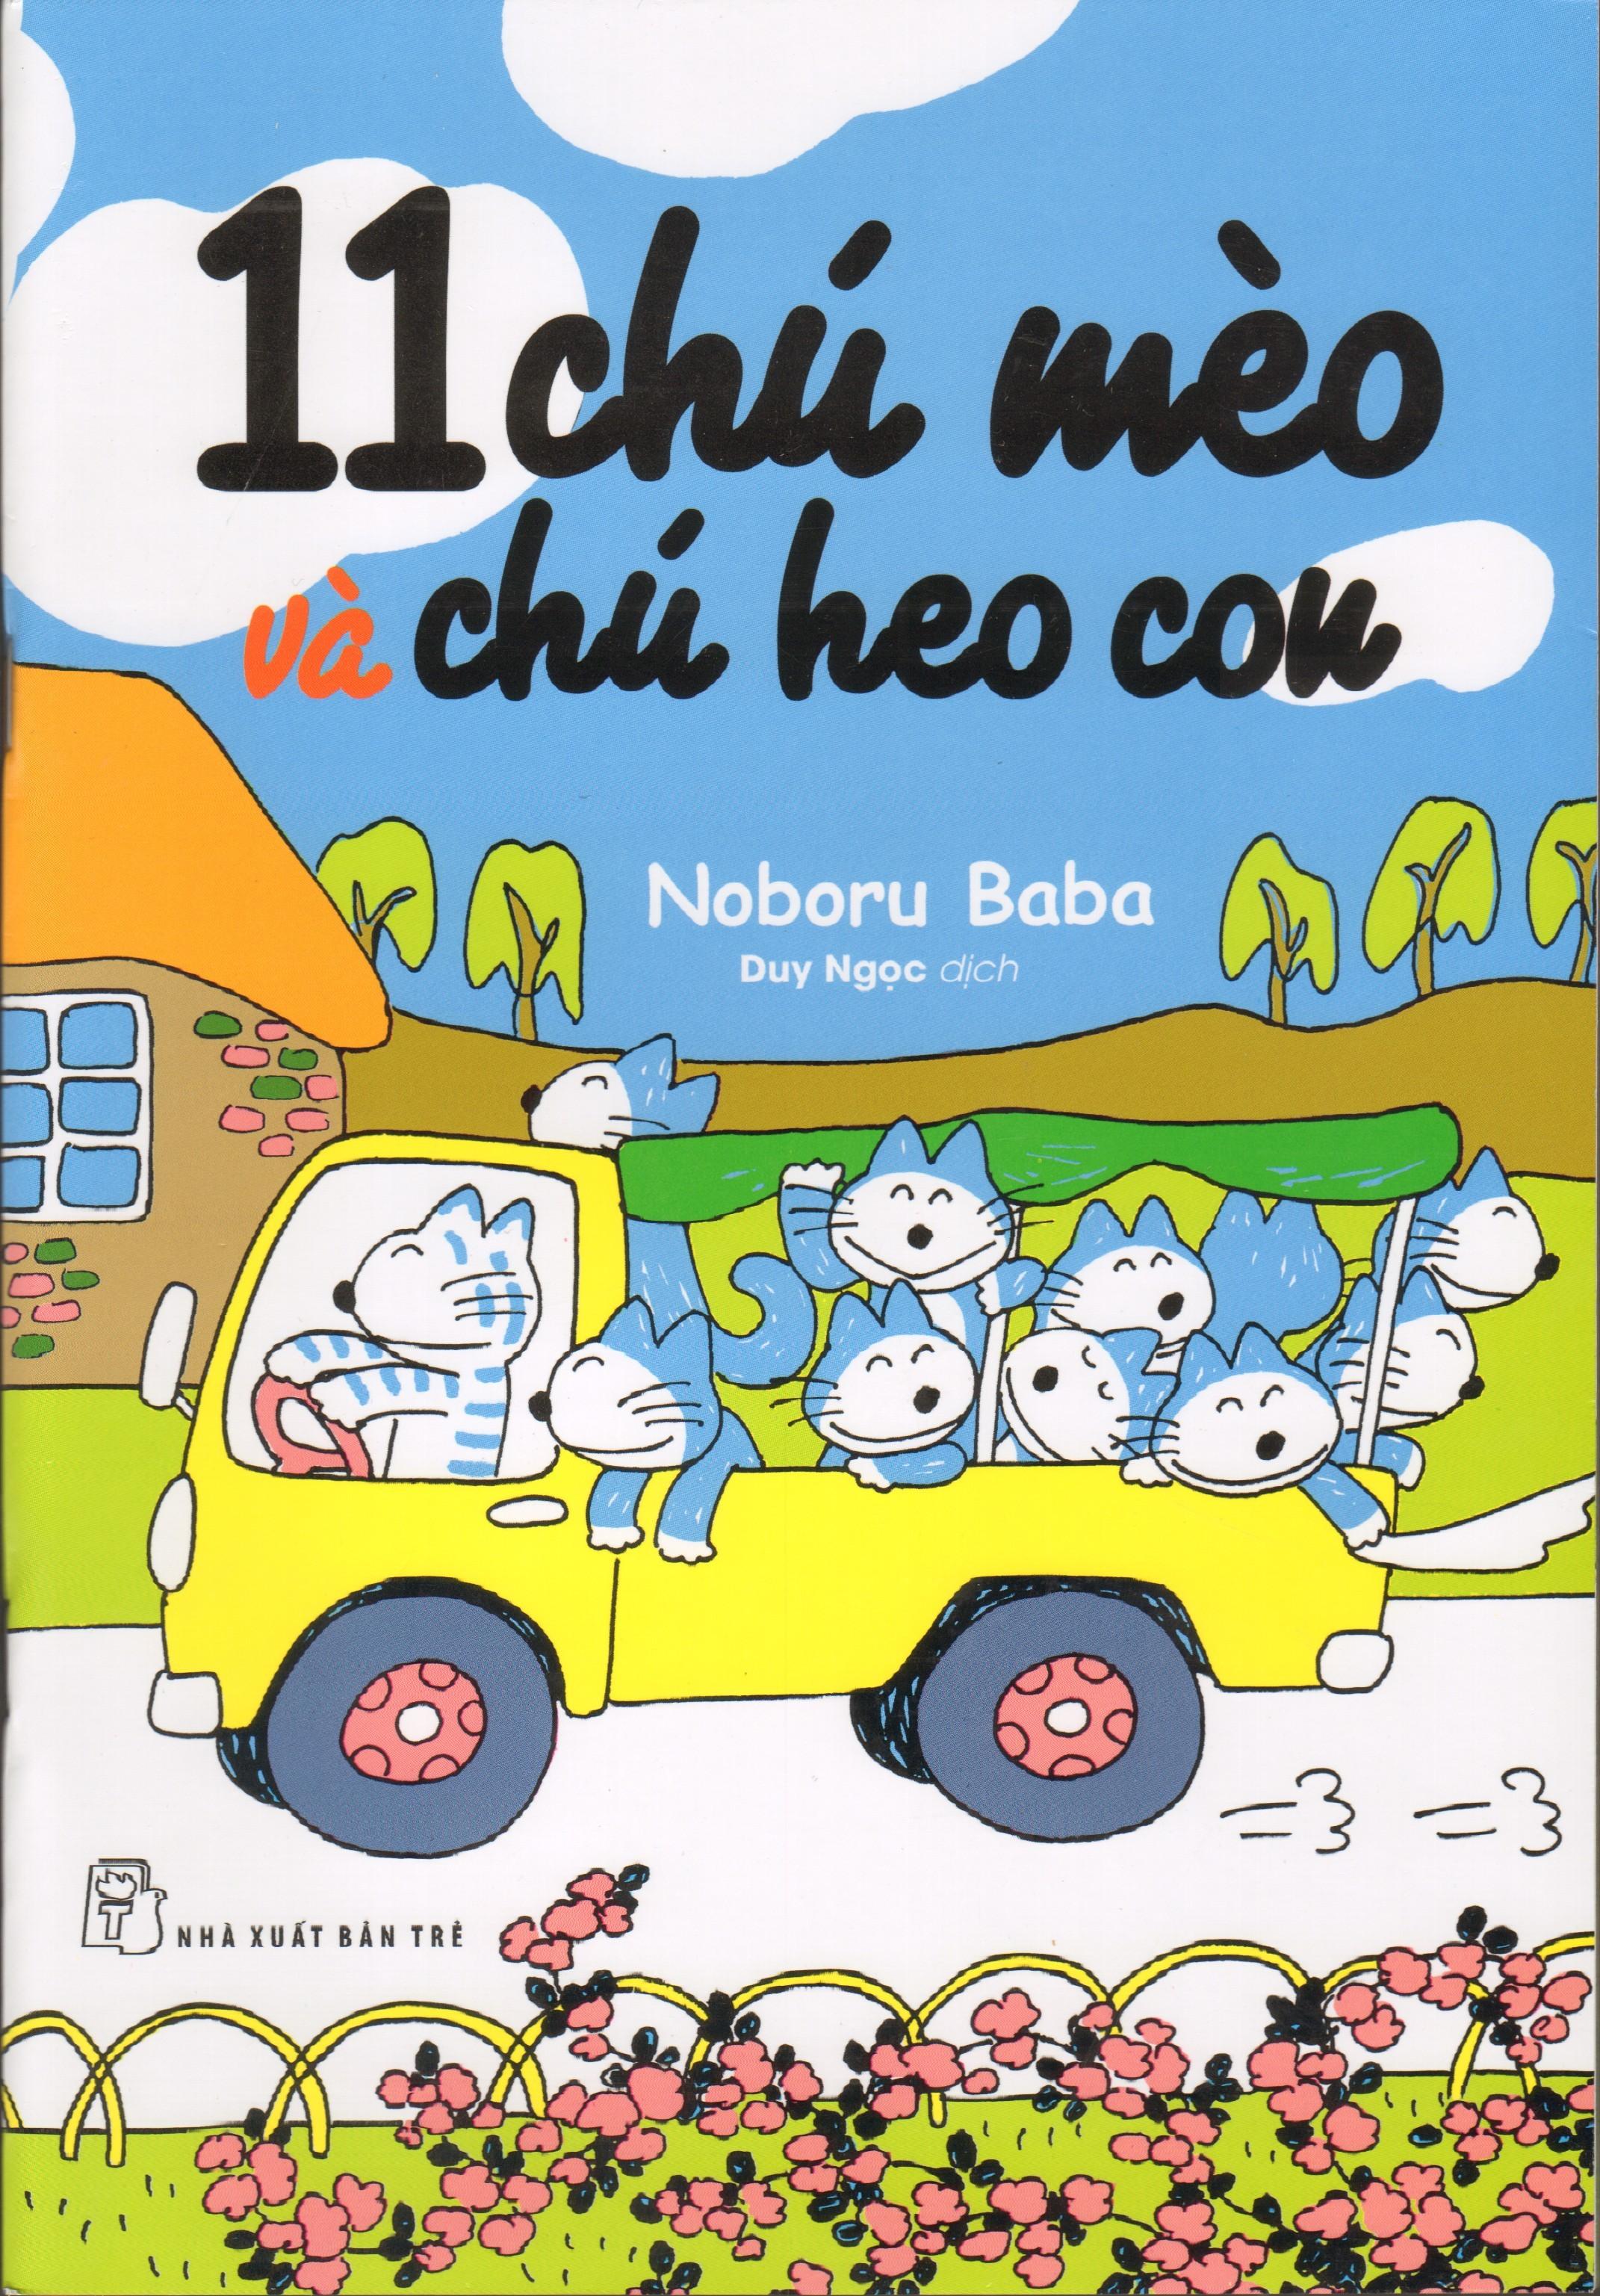 11 Chu Meo va Chu Heo Con